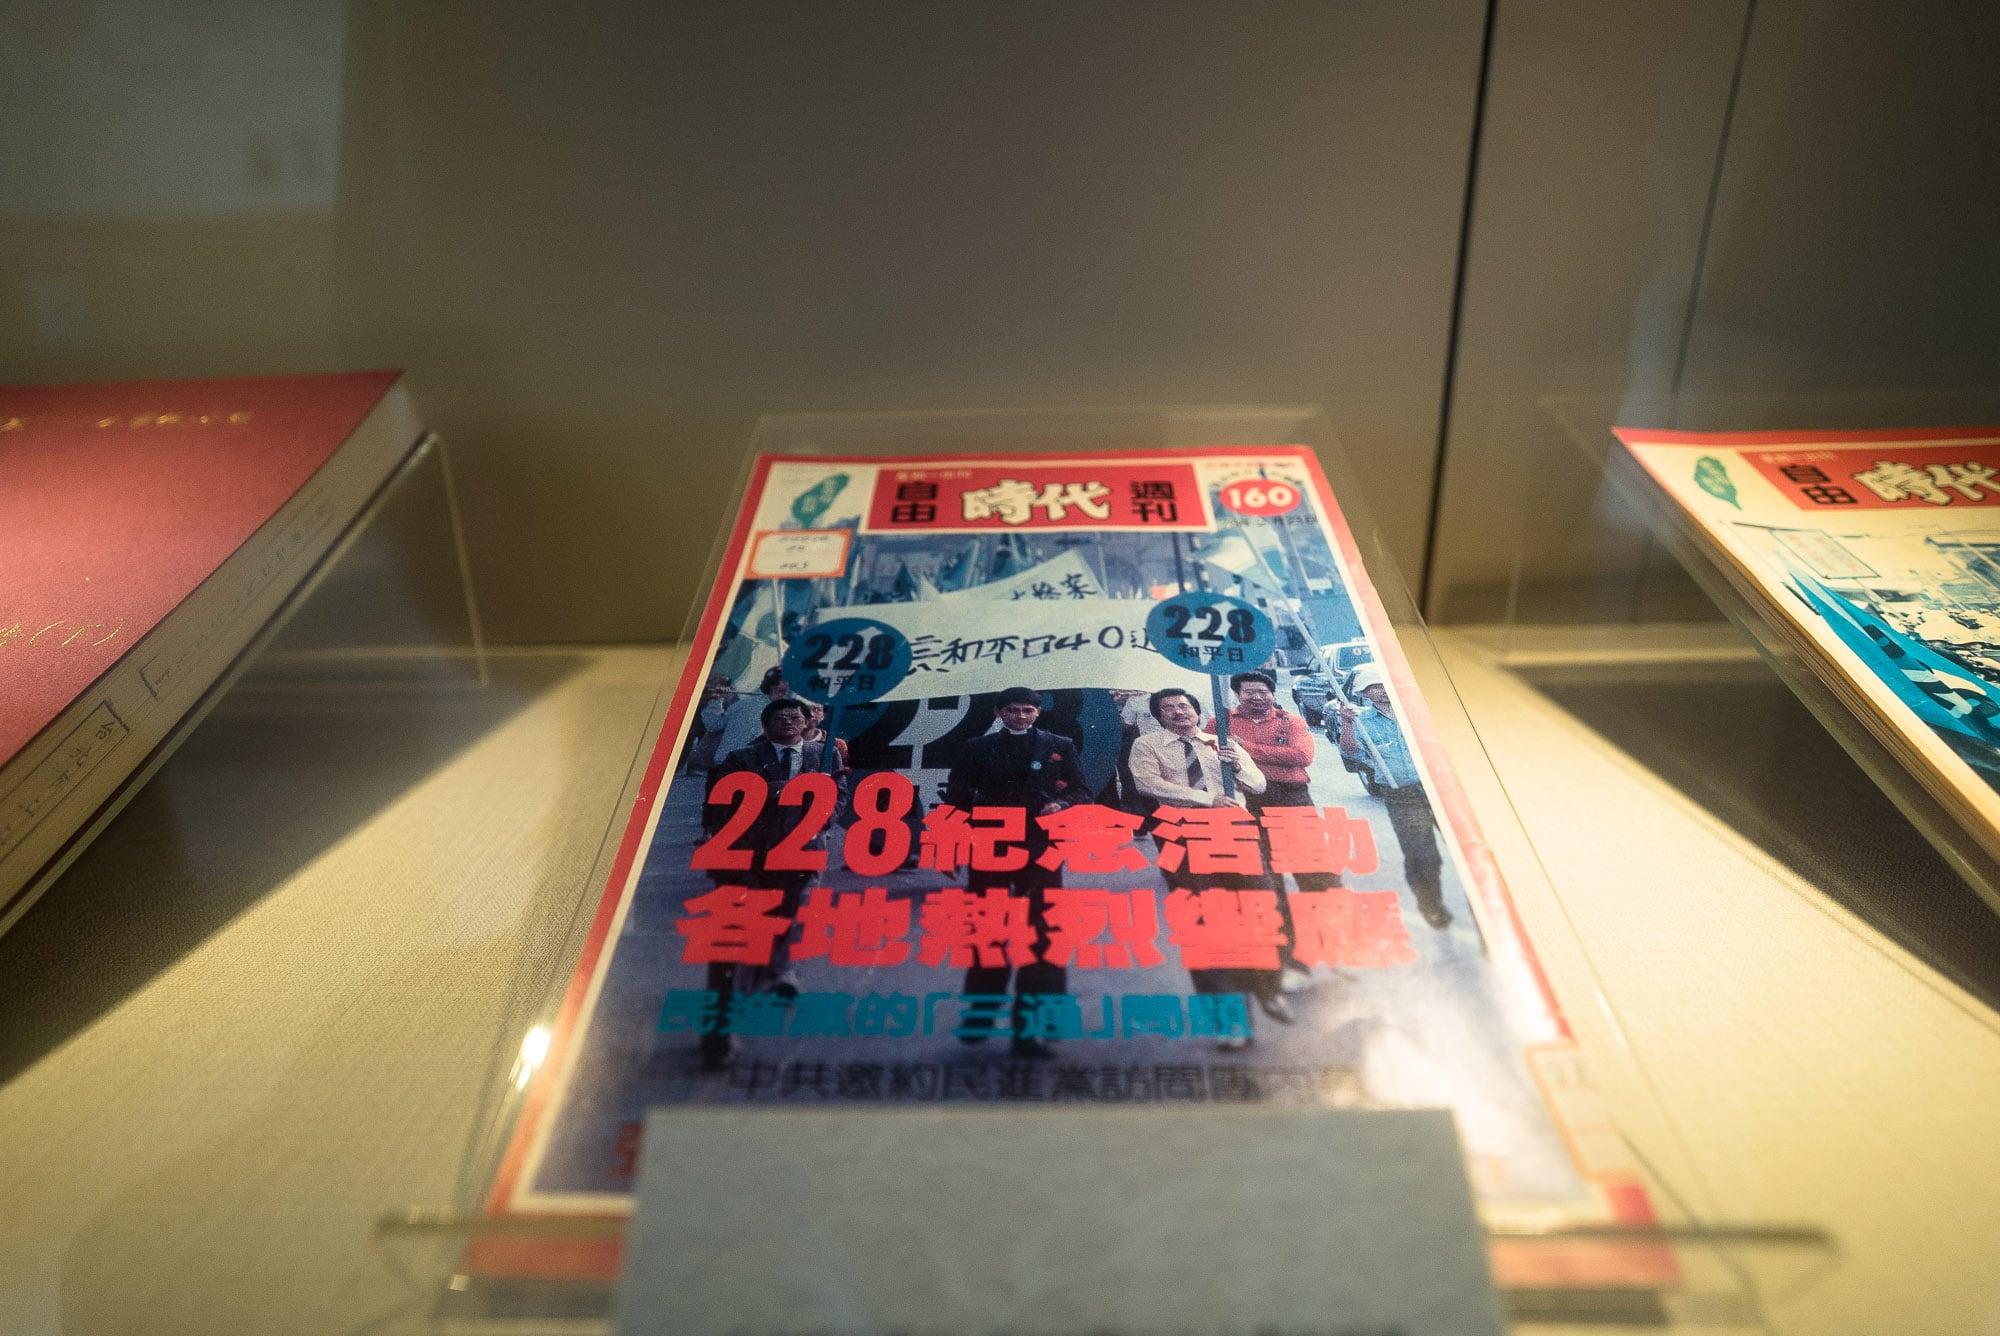 historical magazine in Taipei 228 Memorial Museum